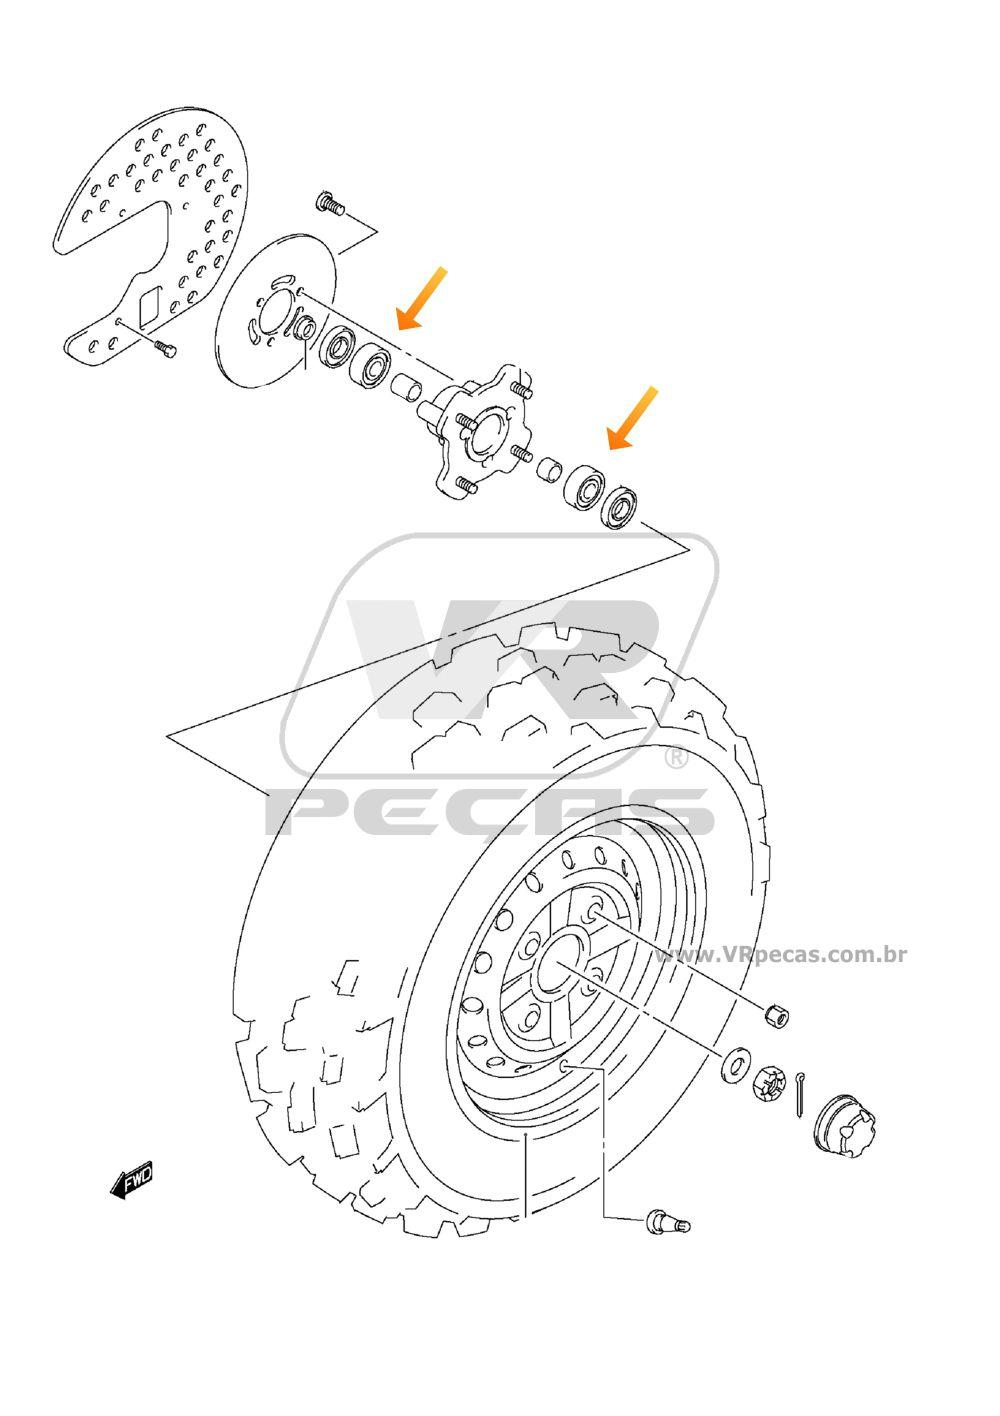 Rolamento de Roda Dianteira SUZUKI Quadrunner 2001-2004